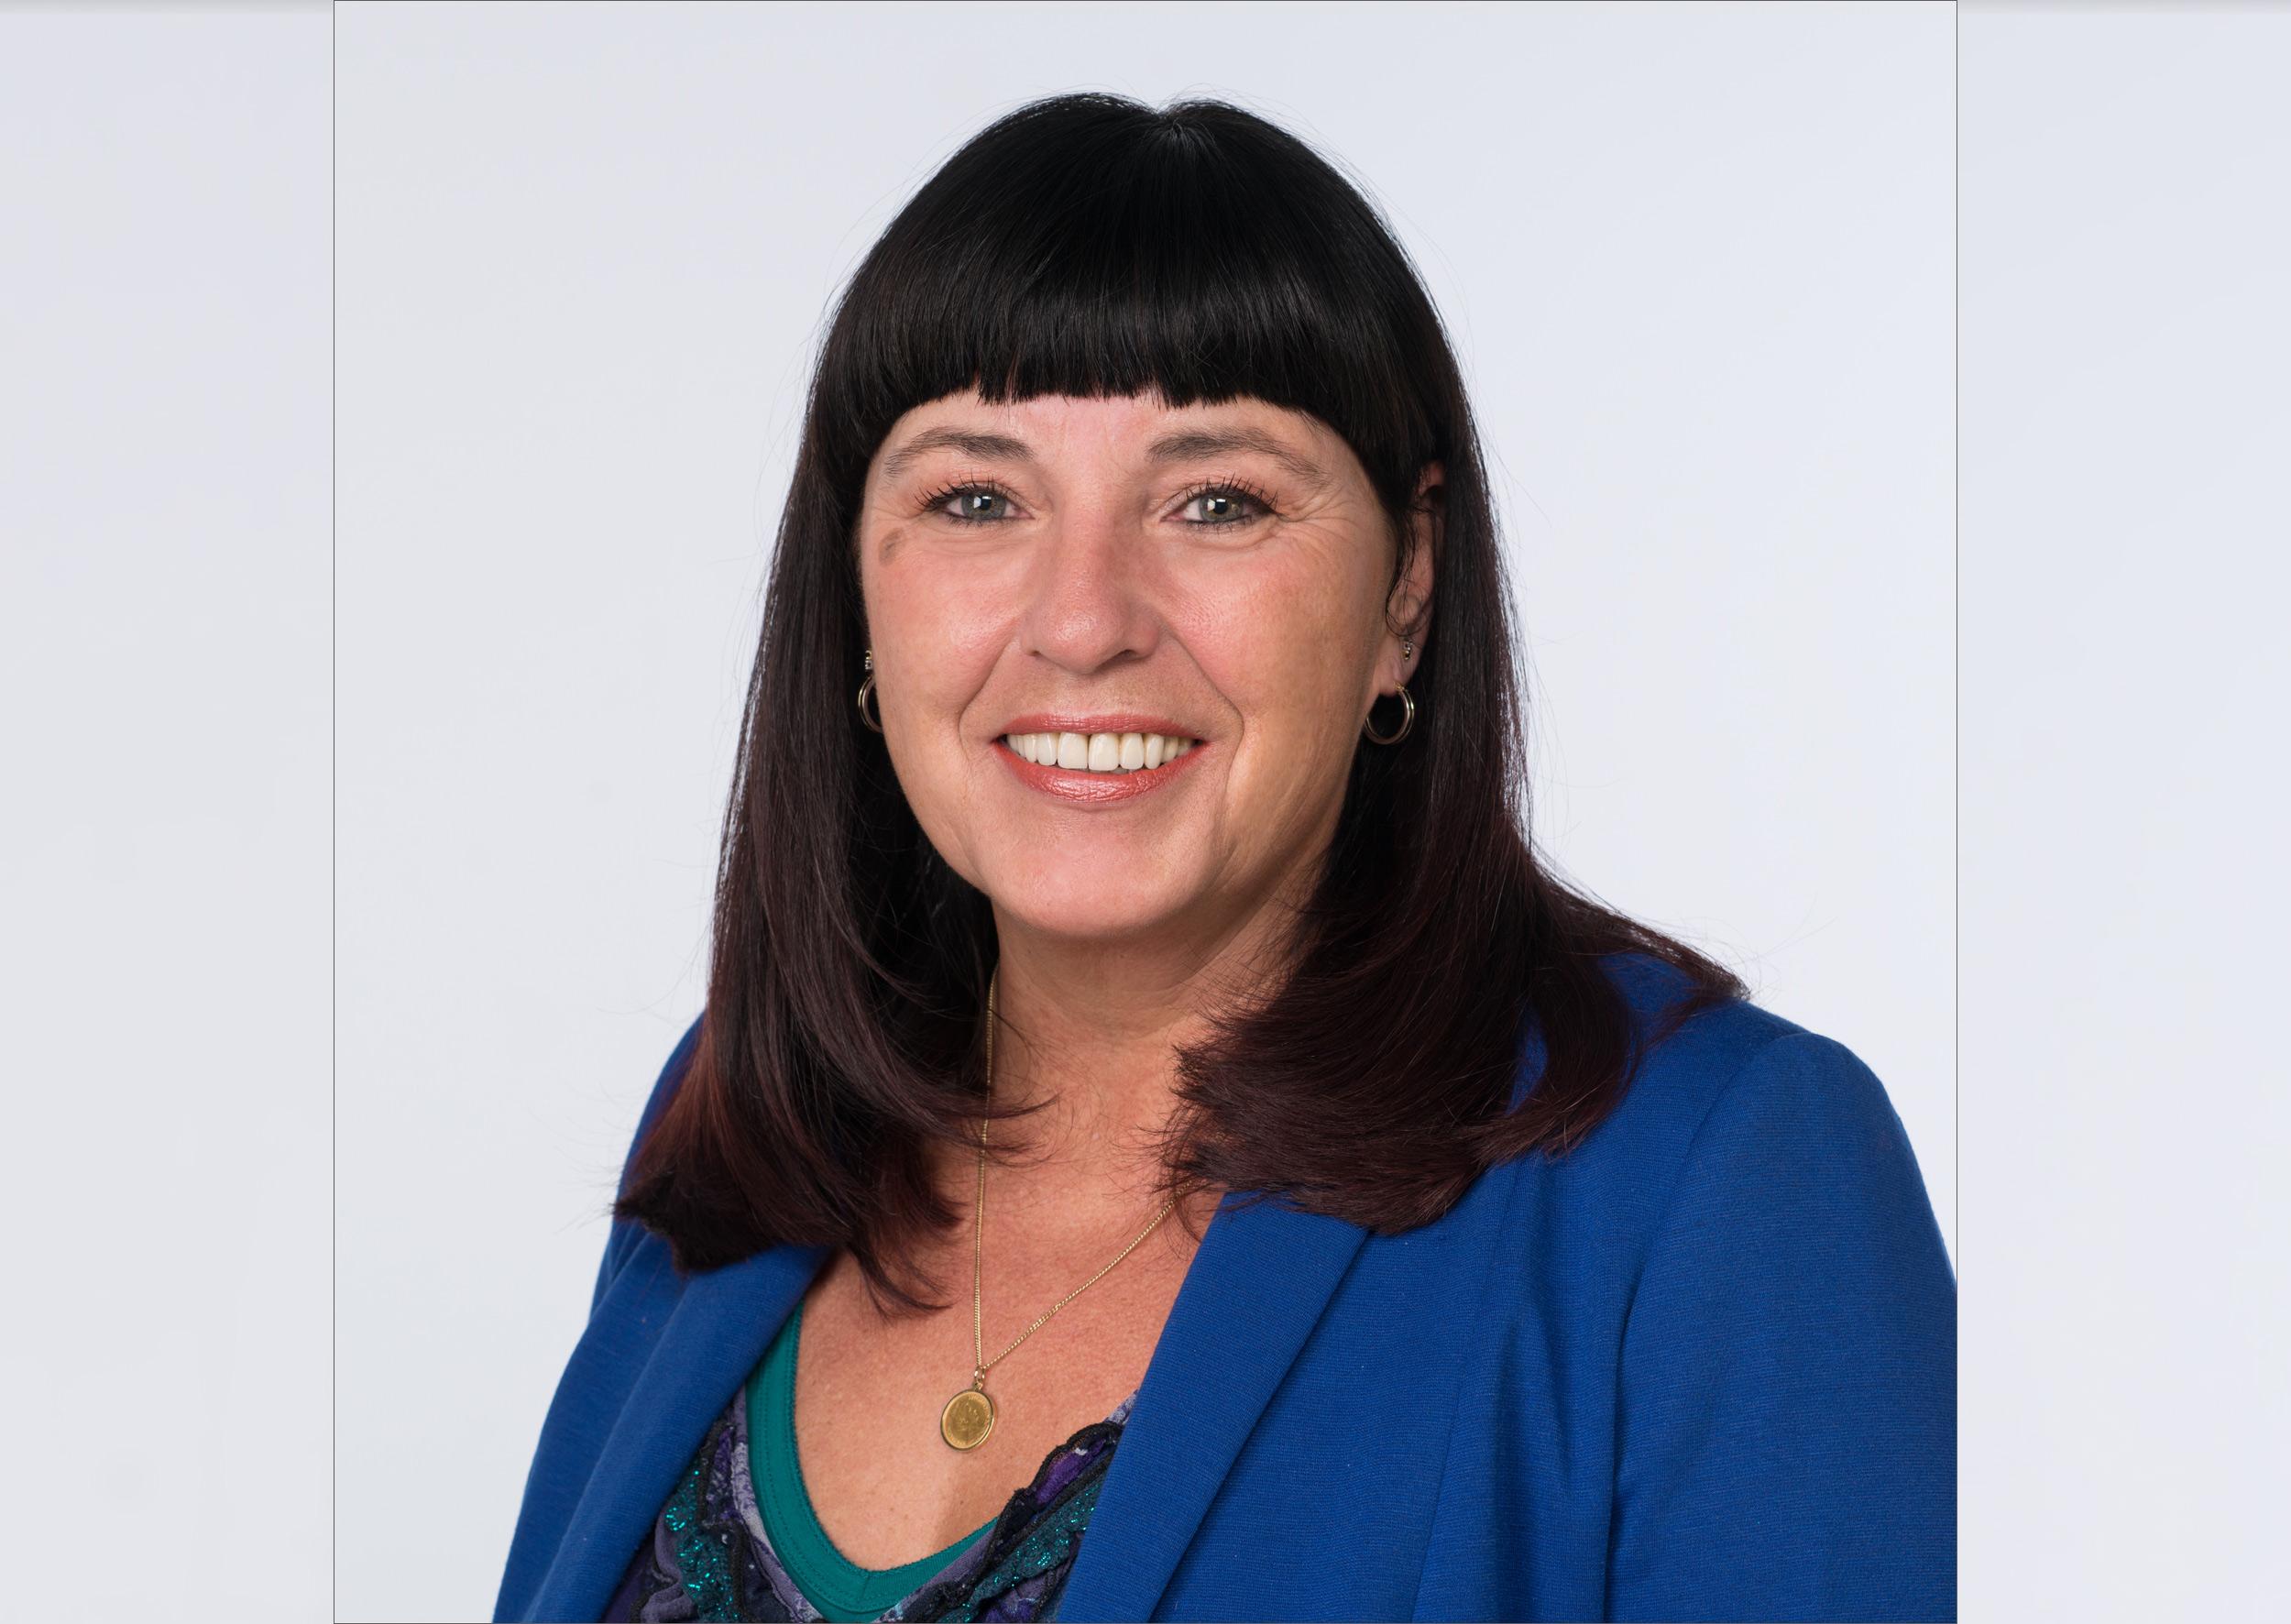 Renata Gravendijk nieuw raadslid Hoorns Belang